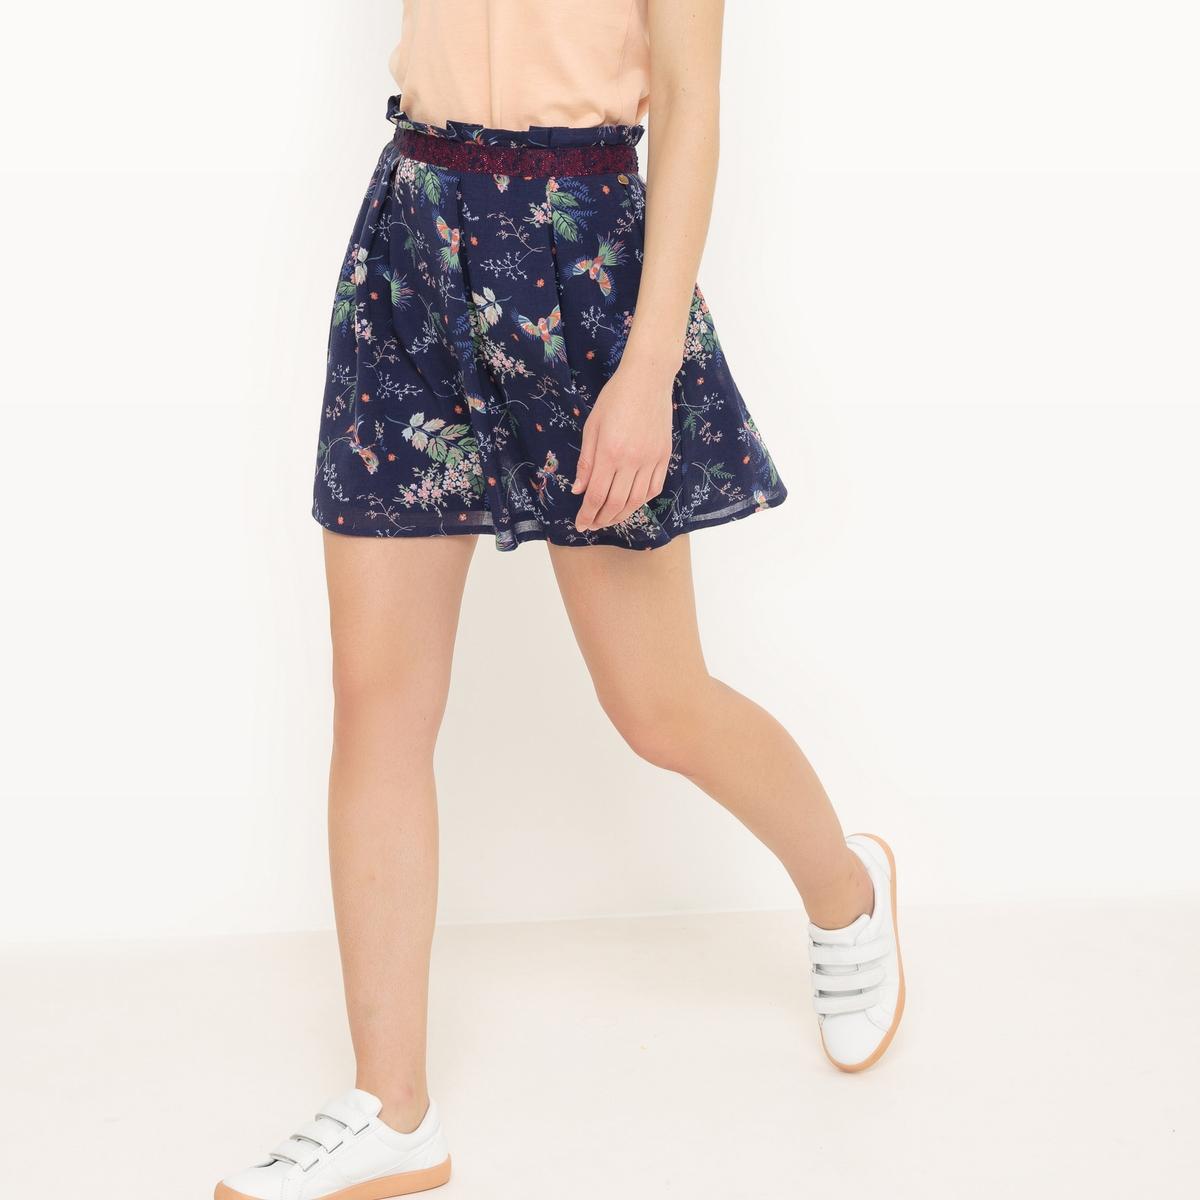 Юбка короткая, прямая, с рисункомМатериал : 100% хлопок  Рисунок : принт Длина юбки : укороченная модель<br><br>Цвет: синий/наб. рисунок